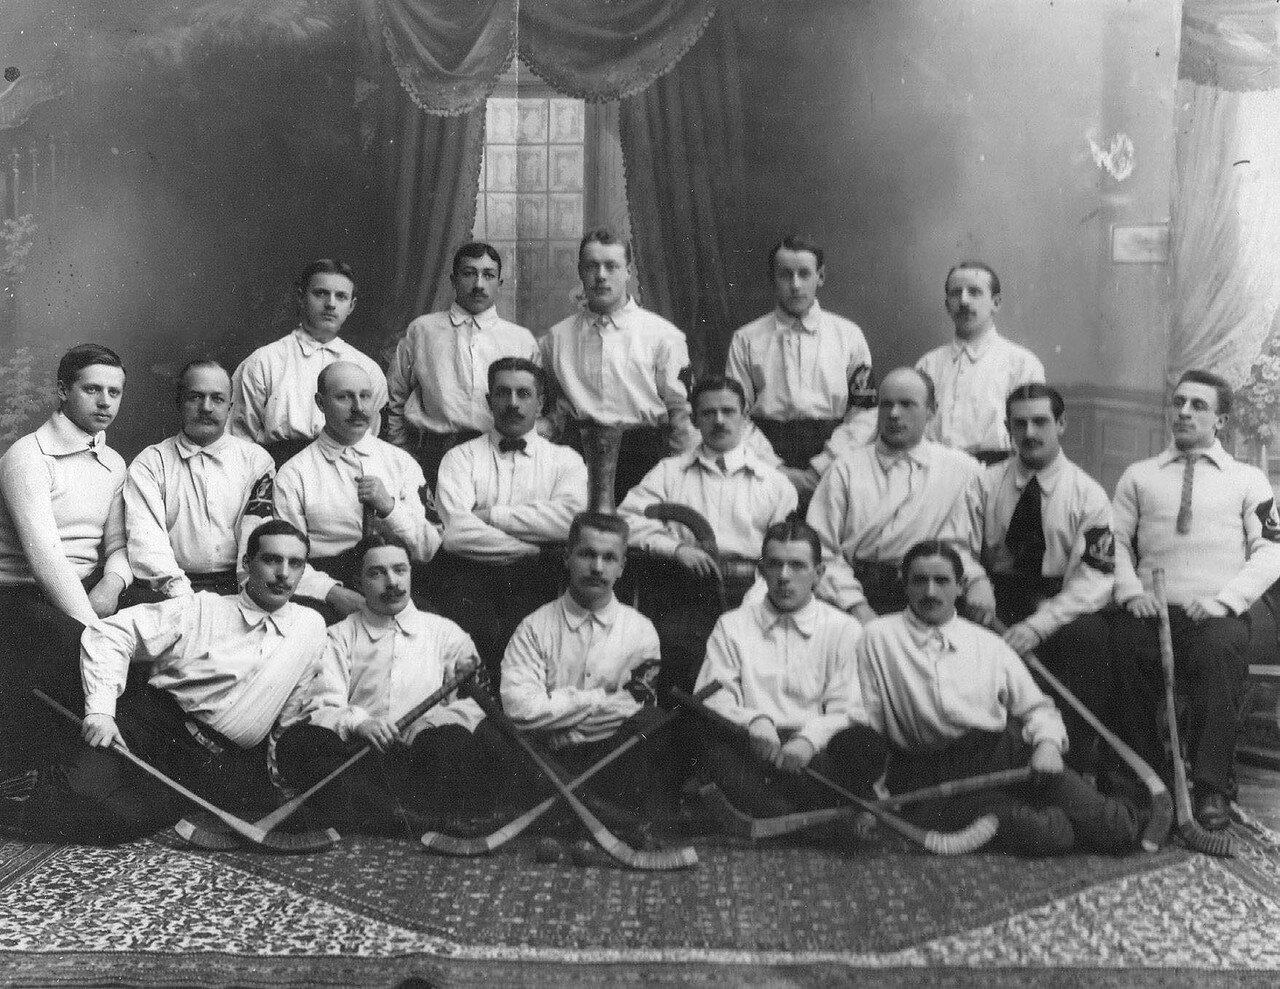 Хоккейная команда Санкт-Петербургского общества любителей бега на коньках. Юсуповский сад 1-ый справа в 1-ом ряду С.Филиппов, 1-ый справа в 3-ем ряду А.Филиппов